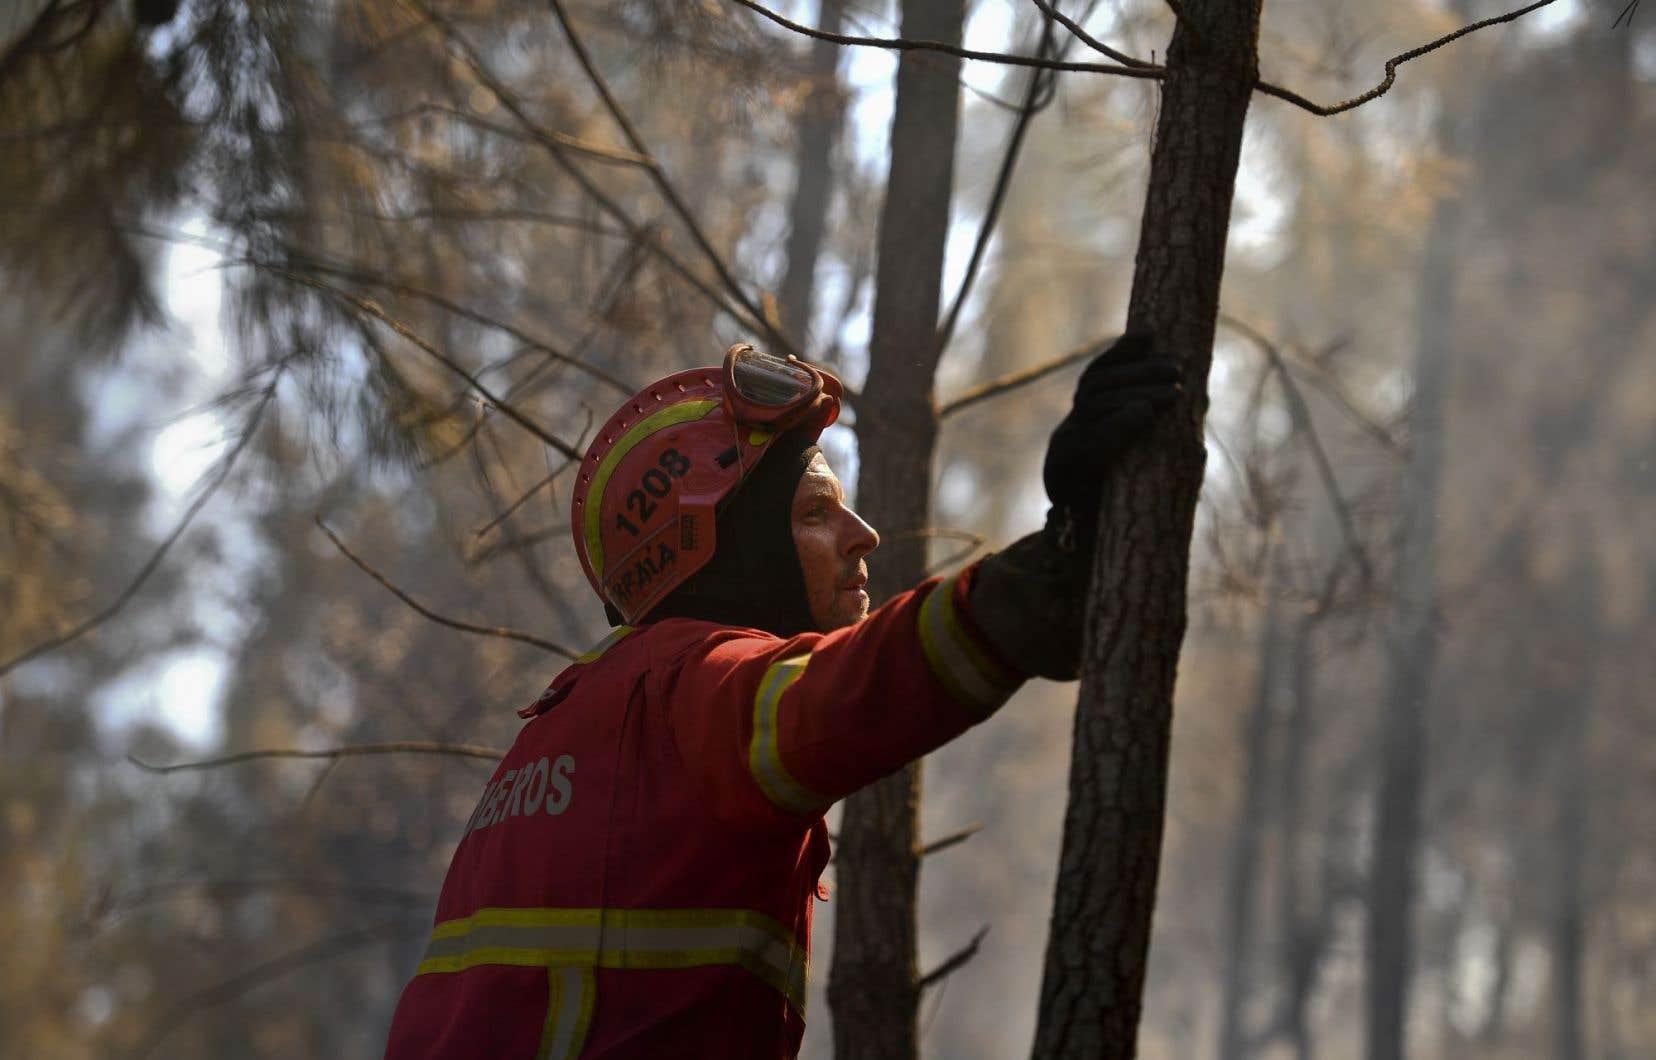 Un pompier surveille la progression d'un incendie dans une forêt entourant le village de Bracal à Abrantes.